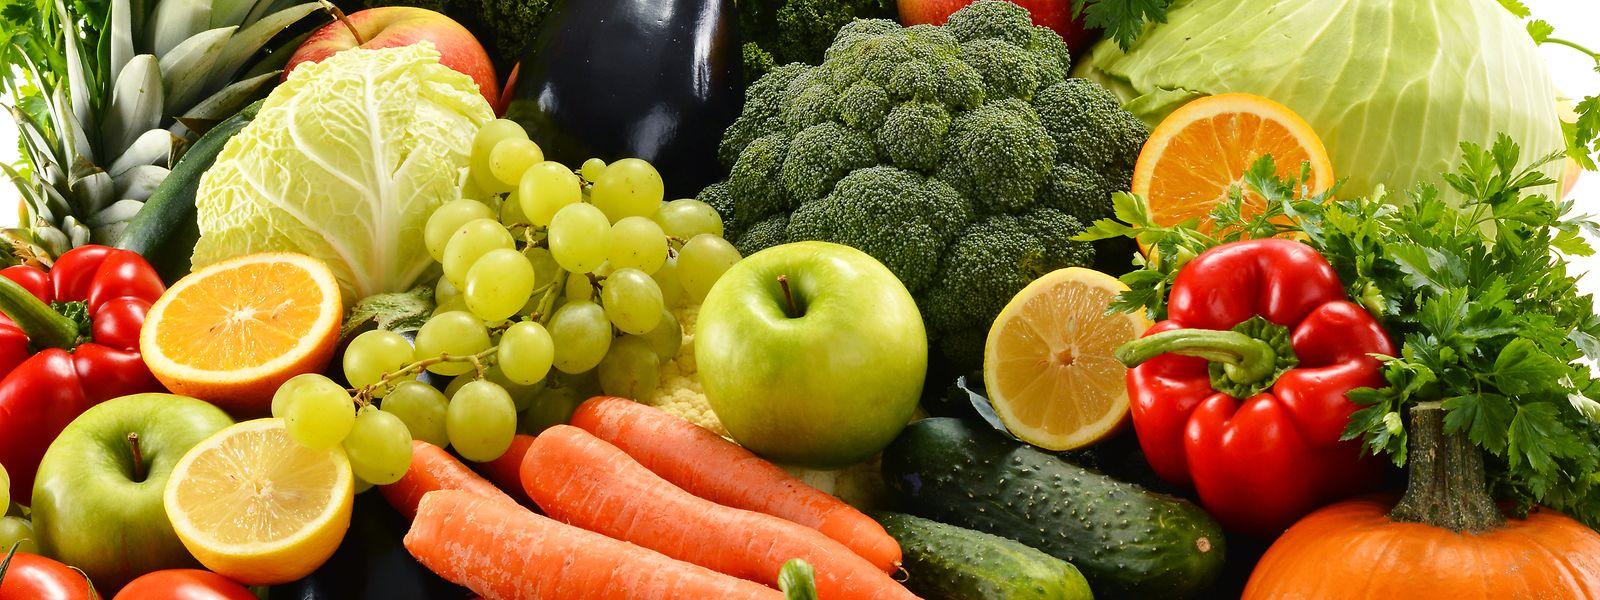 Selon le Giec, les Occidentaux devront privilégier les fruits et légumes dans leur alimentation quotidienne.